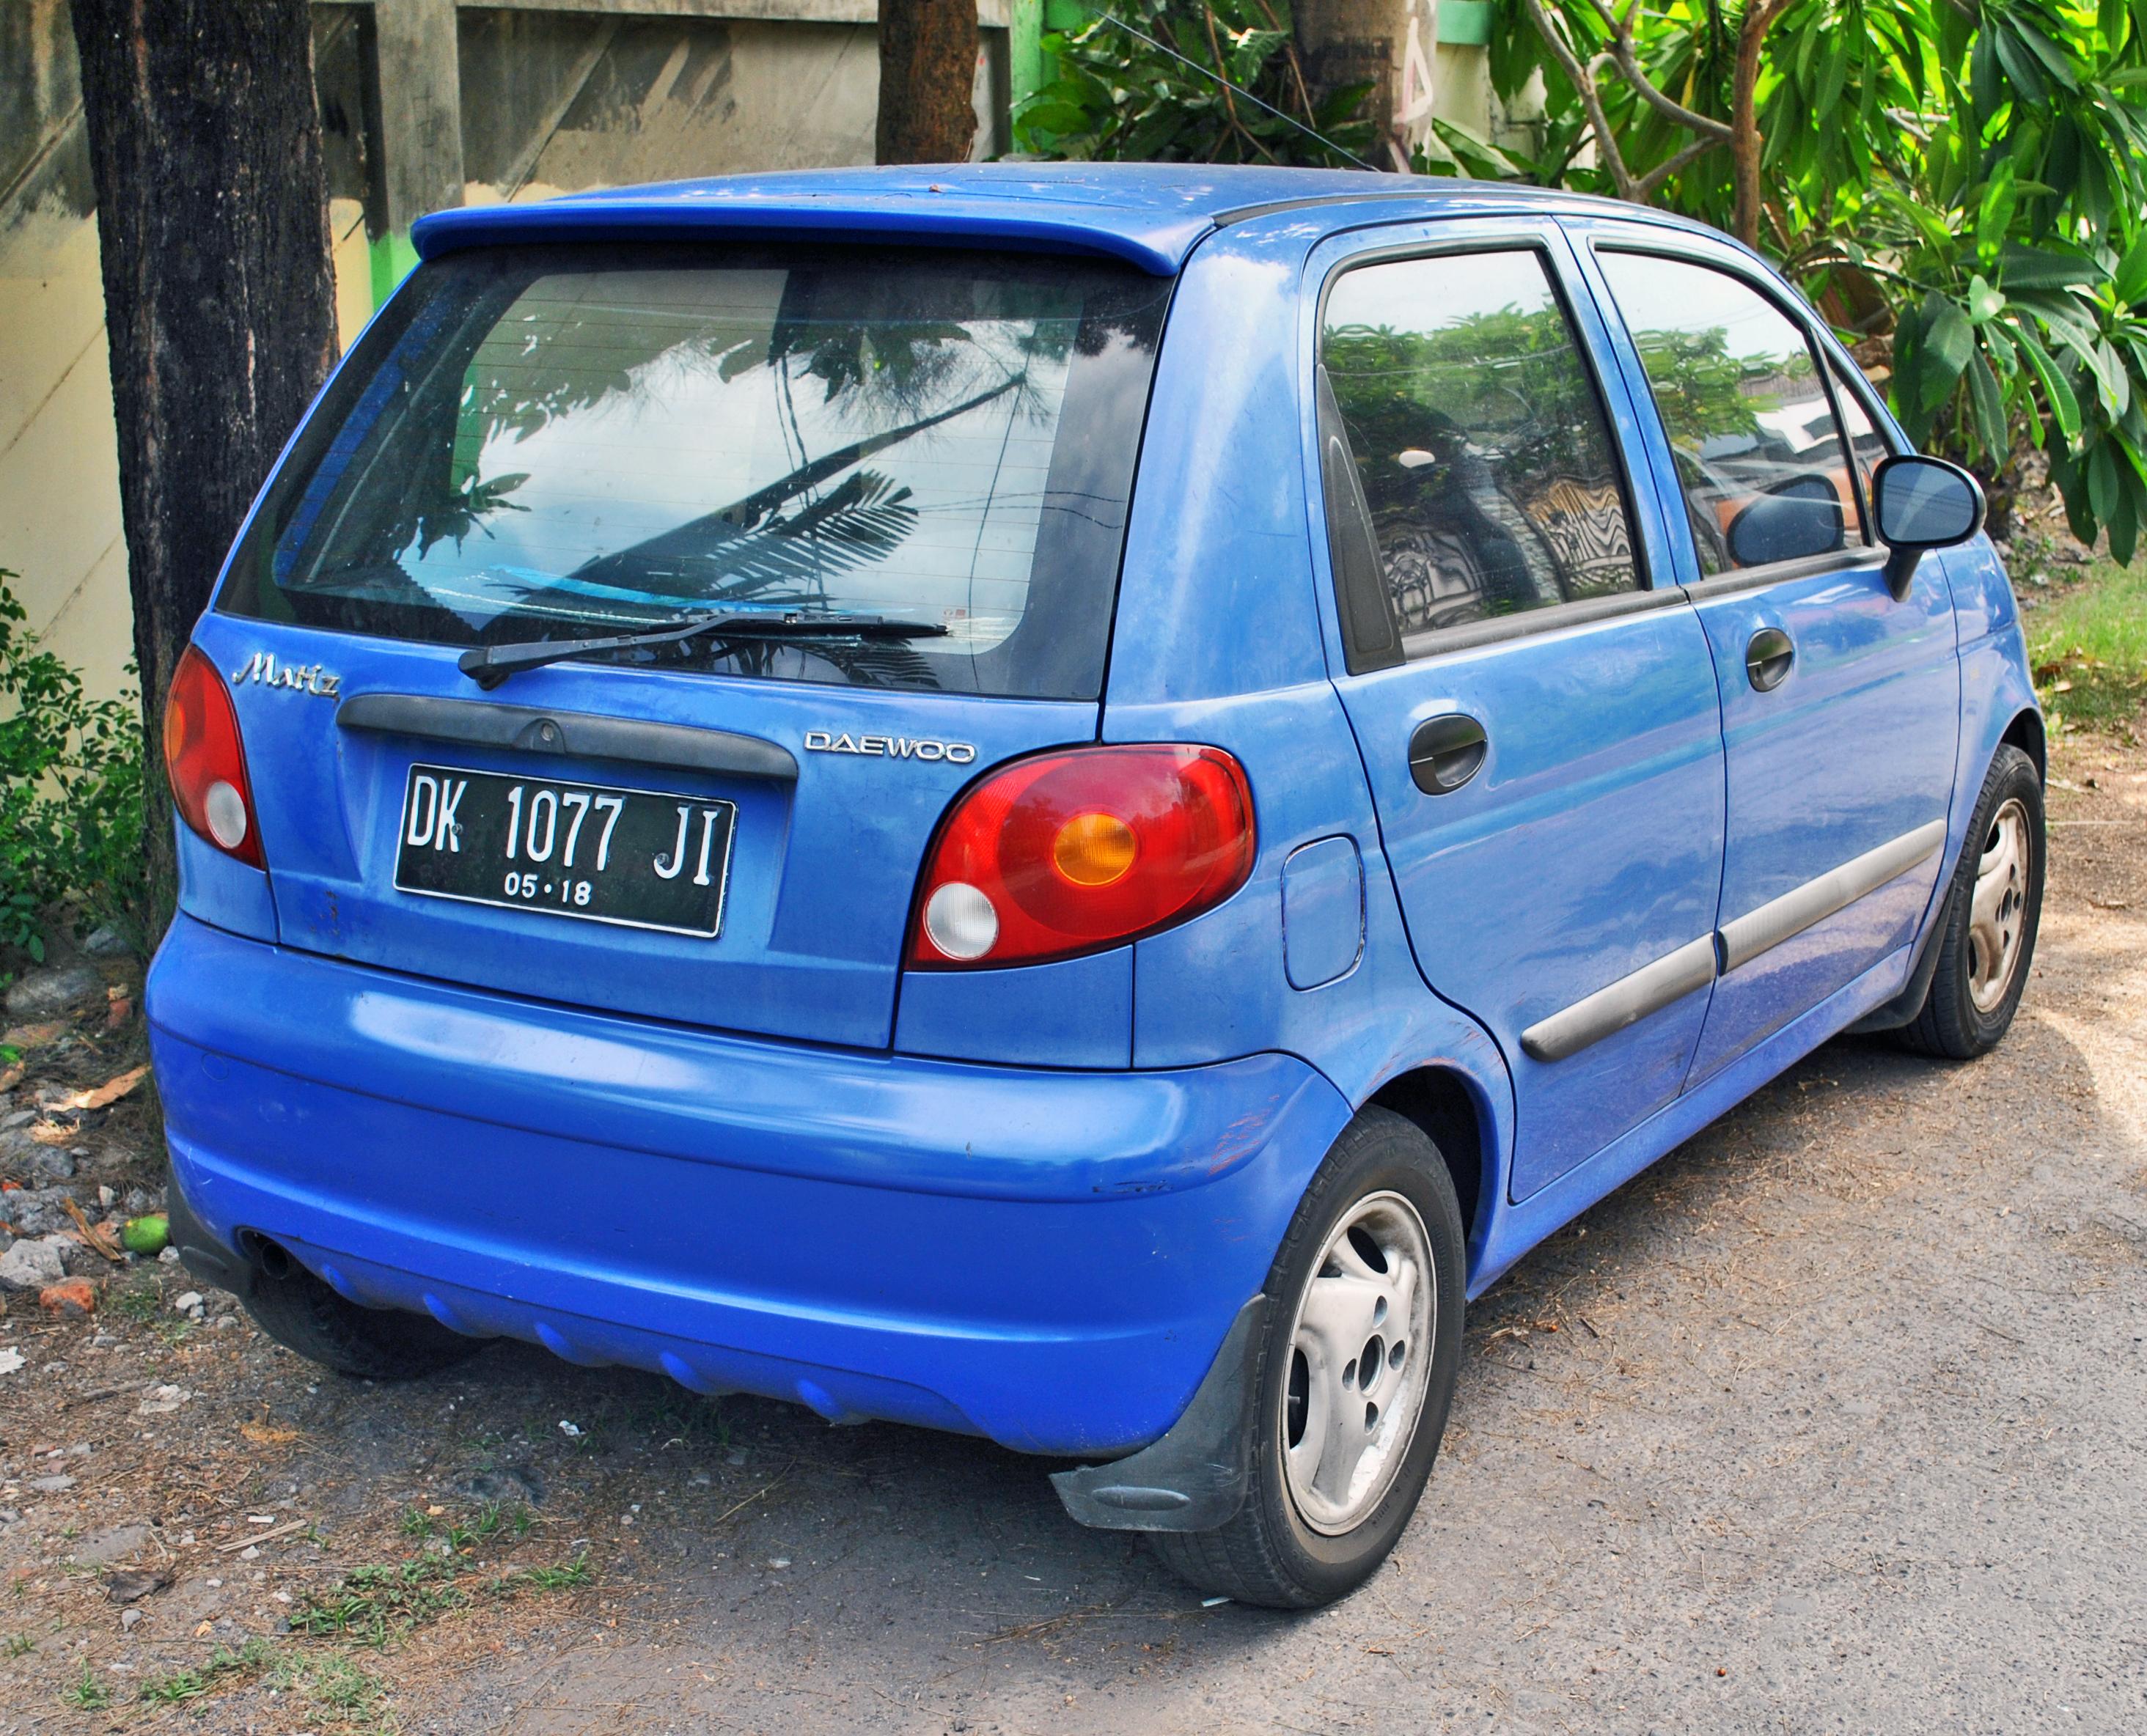 File:Daewoo Matiz (rear), Denpasar.jpg - Wikimedia Commons